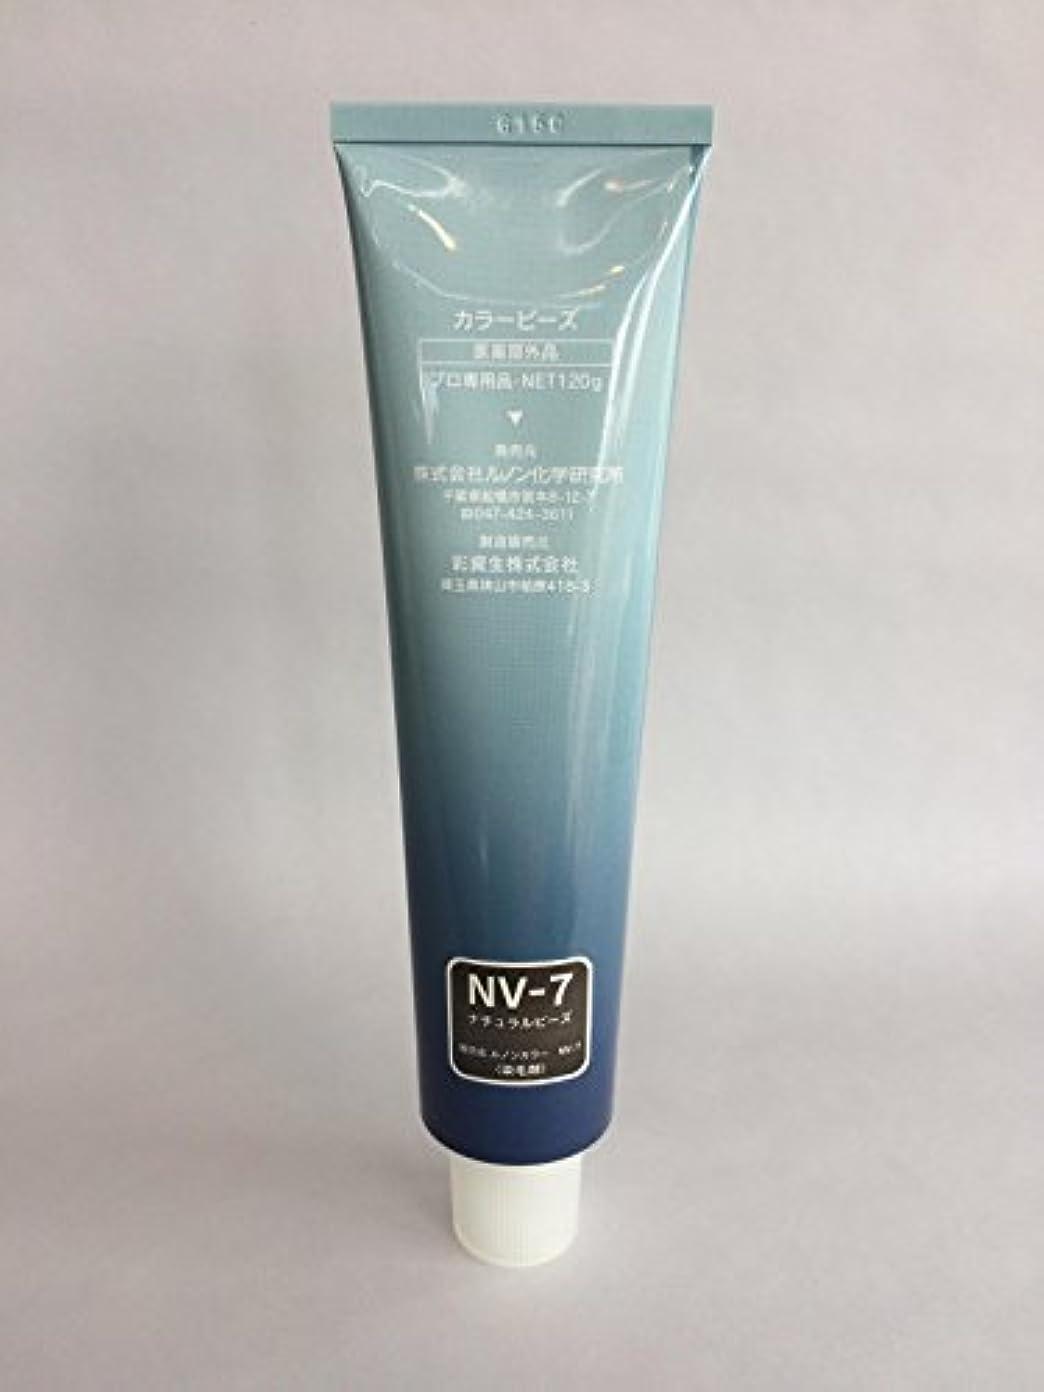 白髪が良く染まります!ルノン カラービーズ 自然色(1本)120g? 大容量【ヘアカラー1剤】【業務用】【医薬部外品】全ての2剤にも対応できます? (NV-7 ナチュラルビーズ)